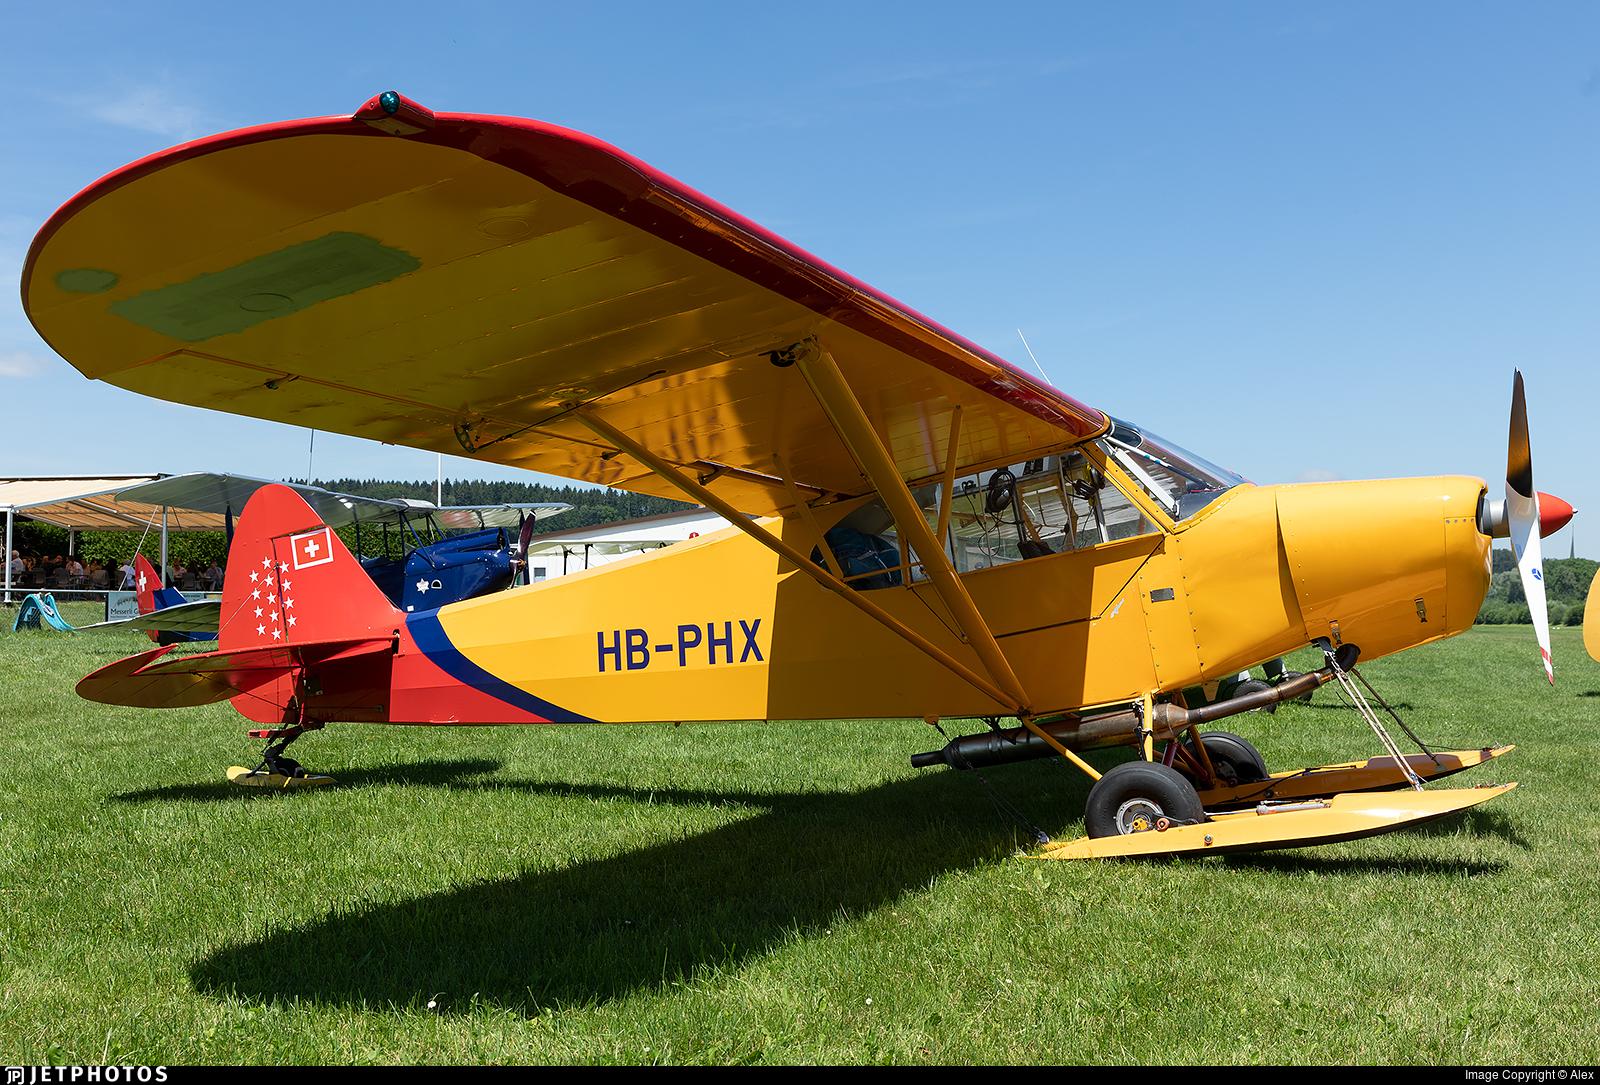 HB-PHX - Piper PA-18 Super Cub - Private